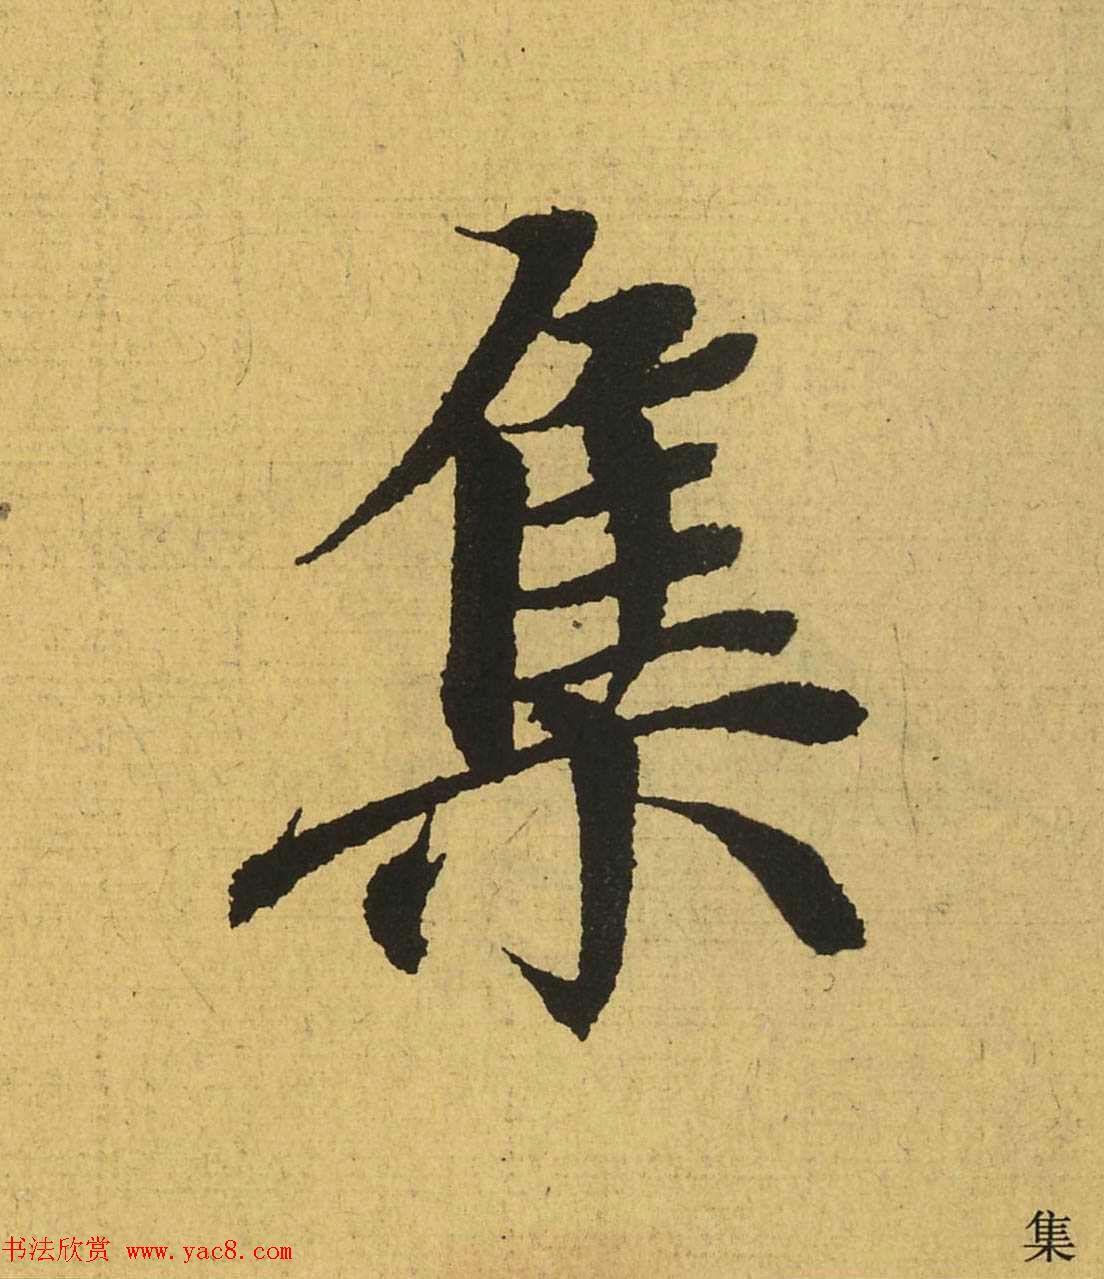 王羲之兰亭集序全文单字高清放大字帖 第8页 行书字帖 书法欣赏